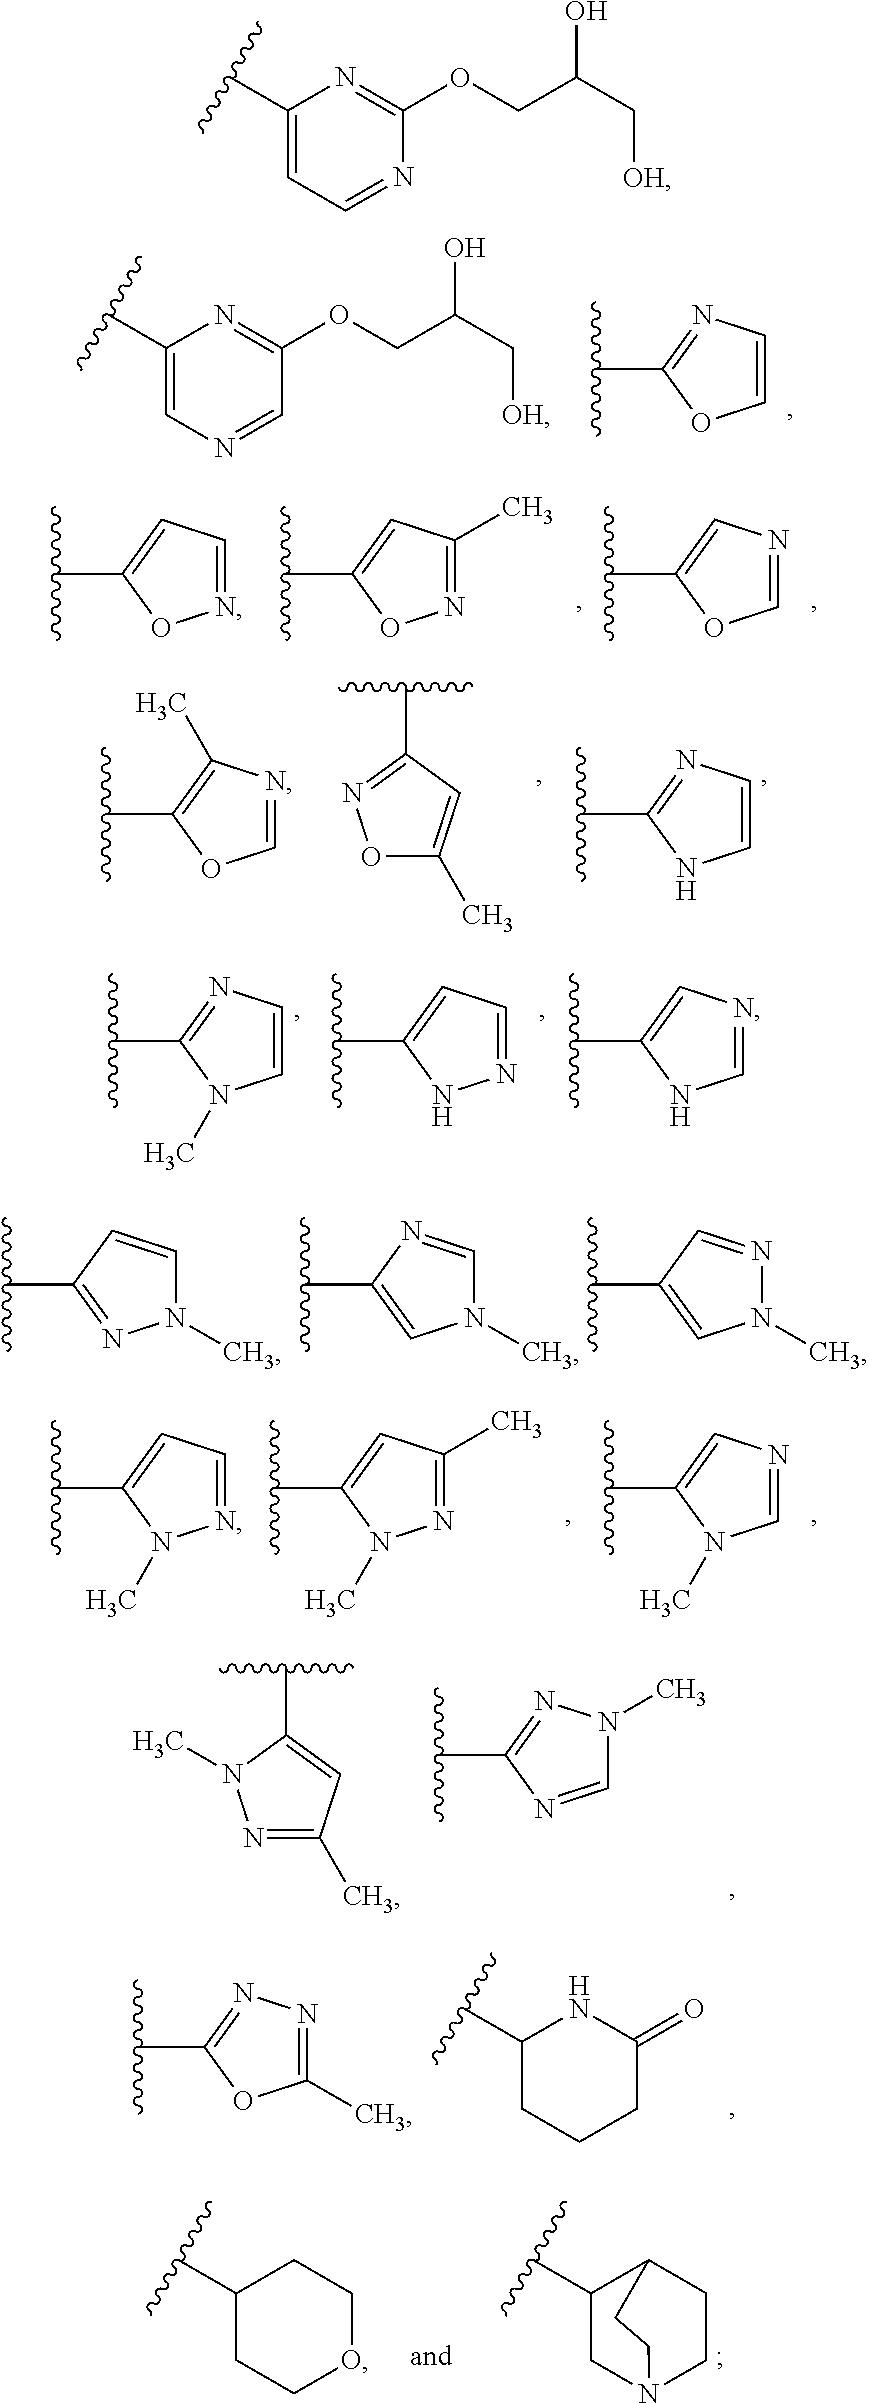 Figure US09326986-20160503-C00023